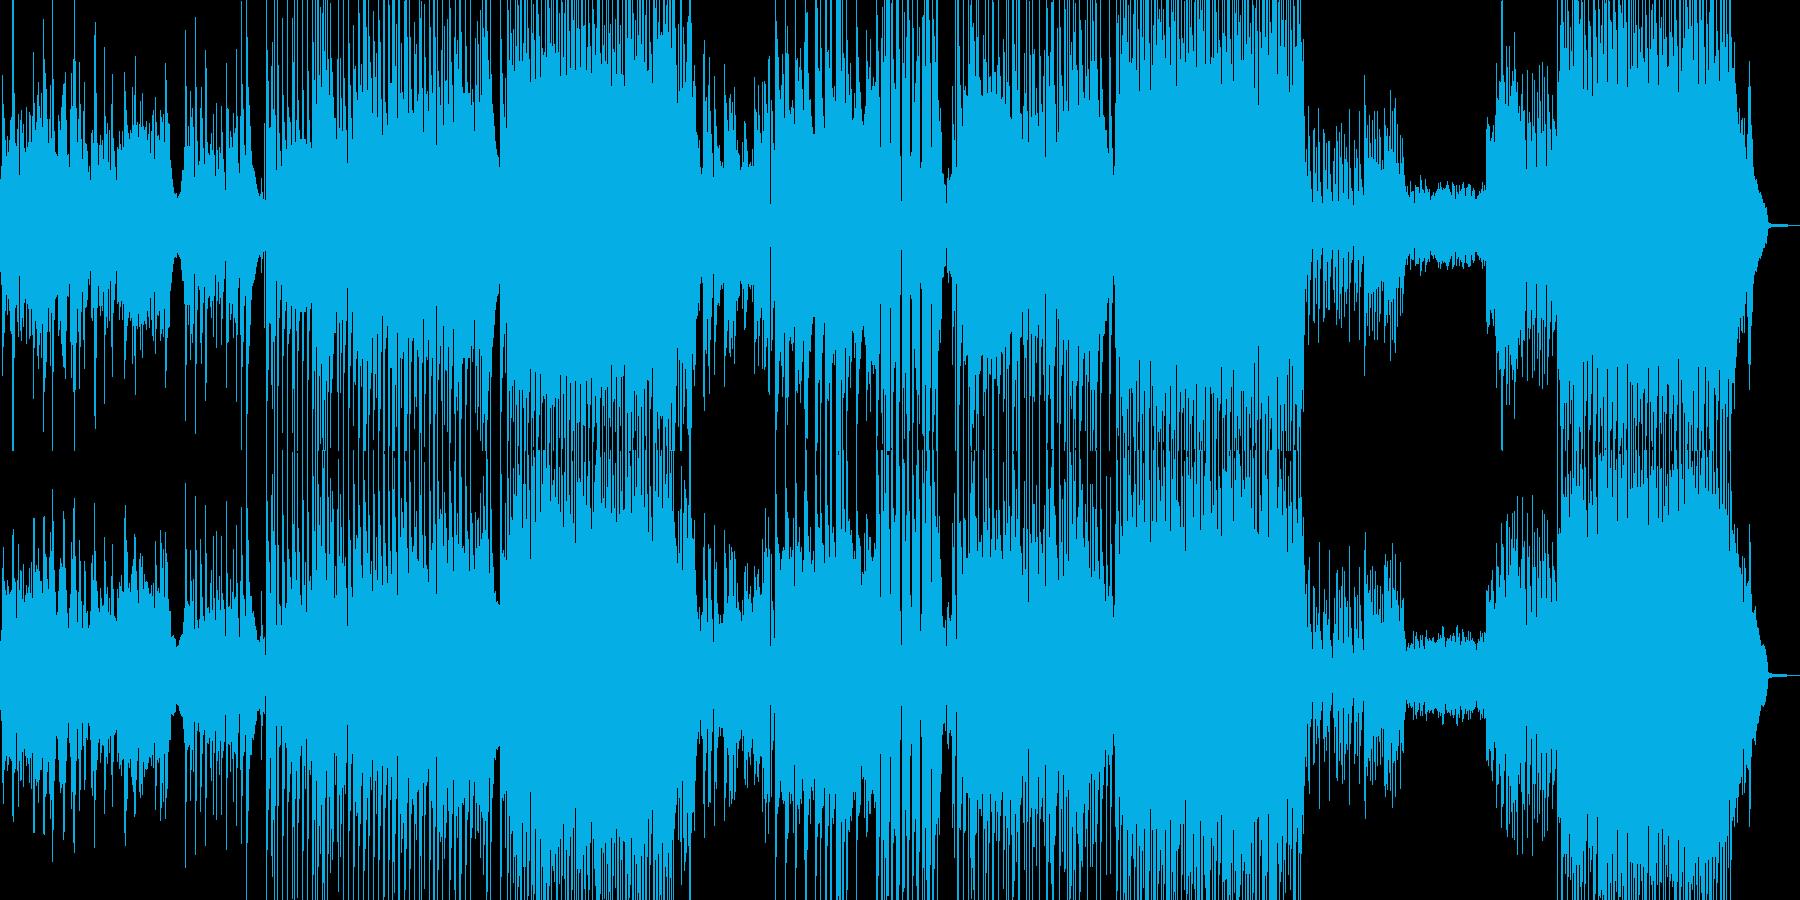 メイン劇的・90年代風バラード 長尺+★の再生済みの波形